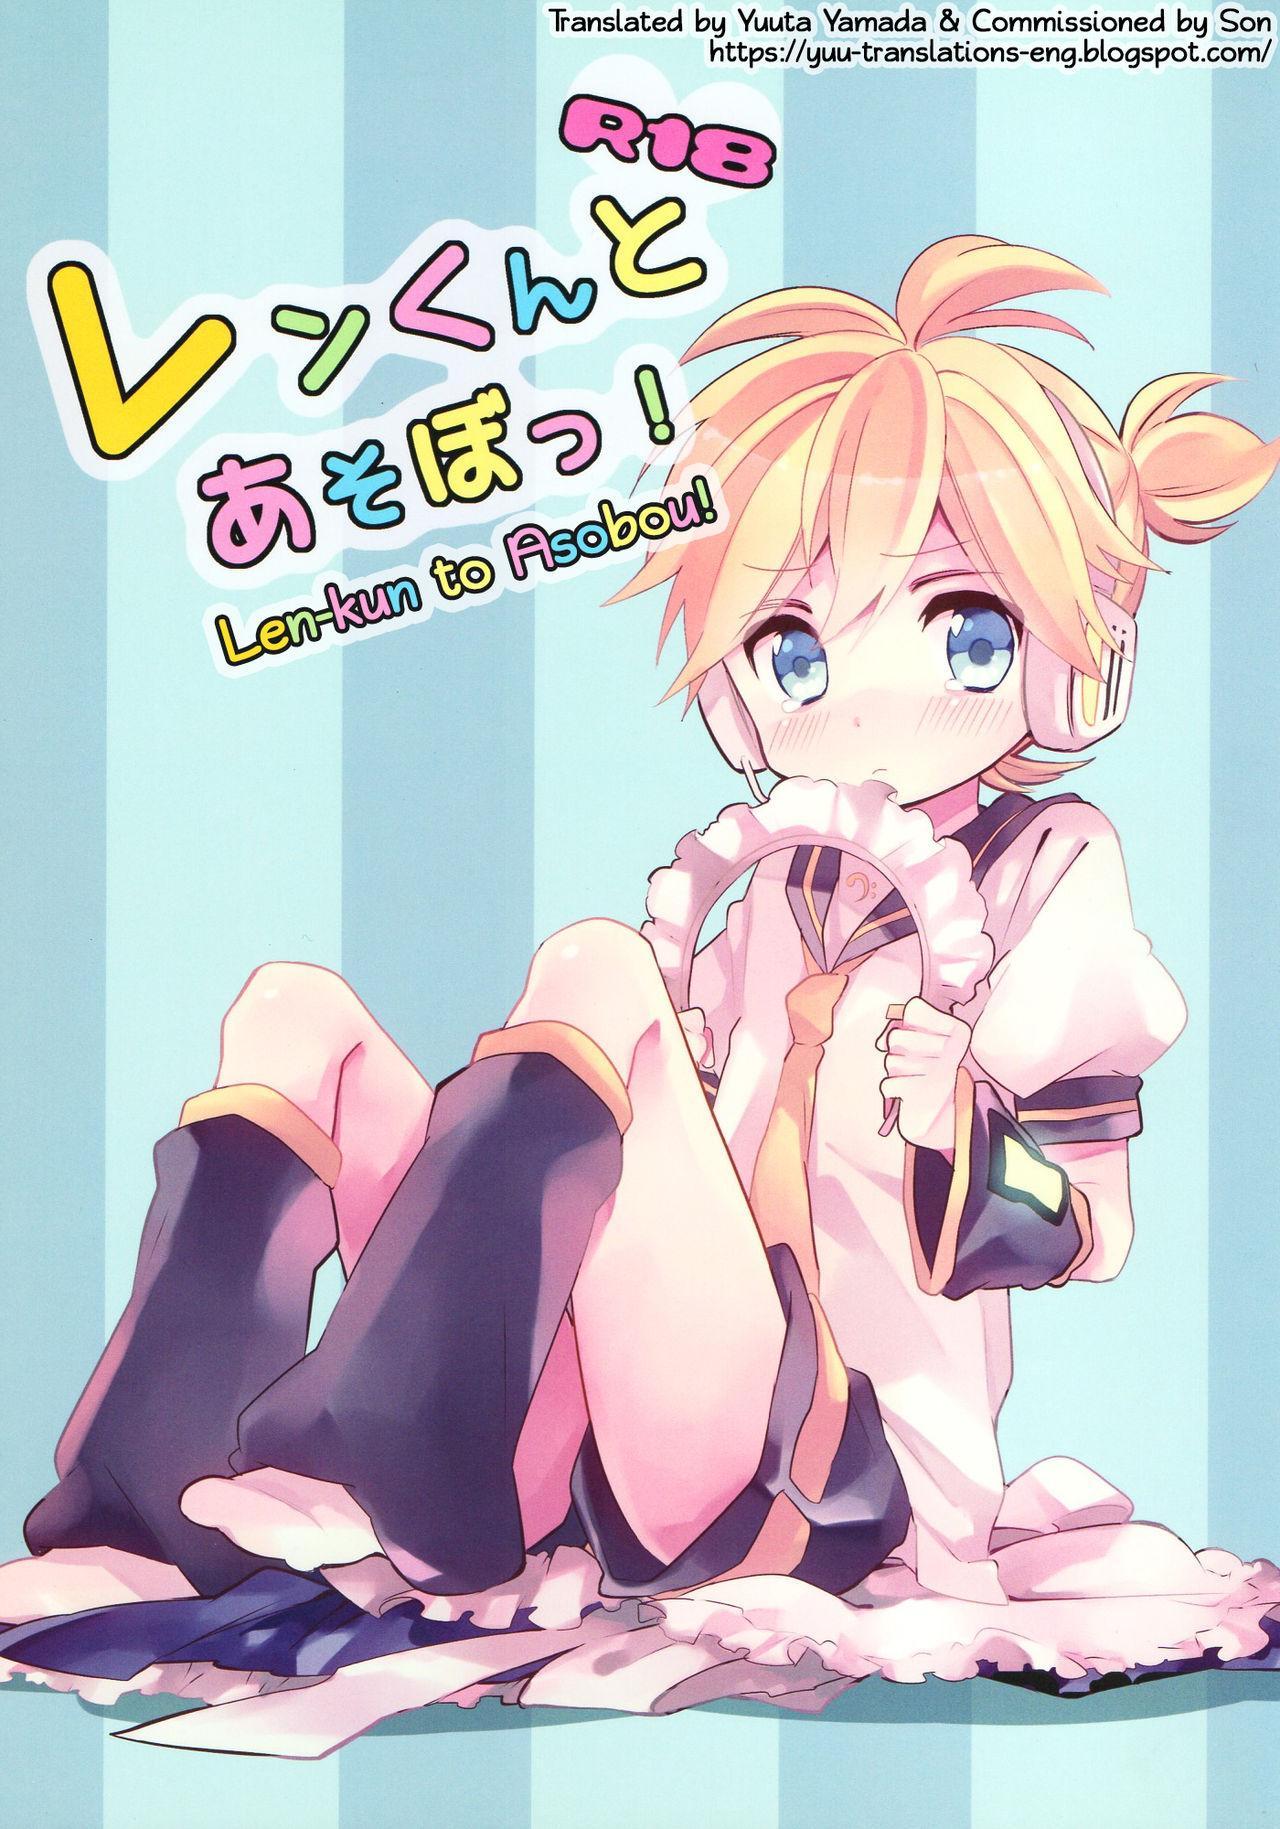 Len-kun to Asobou! 0